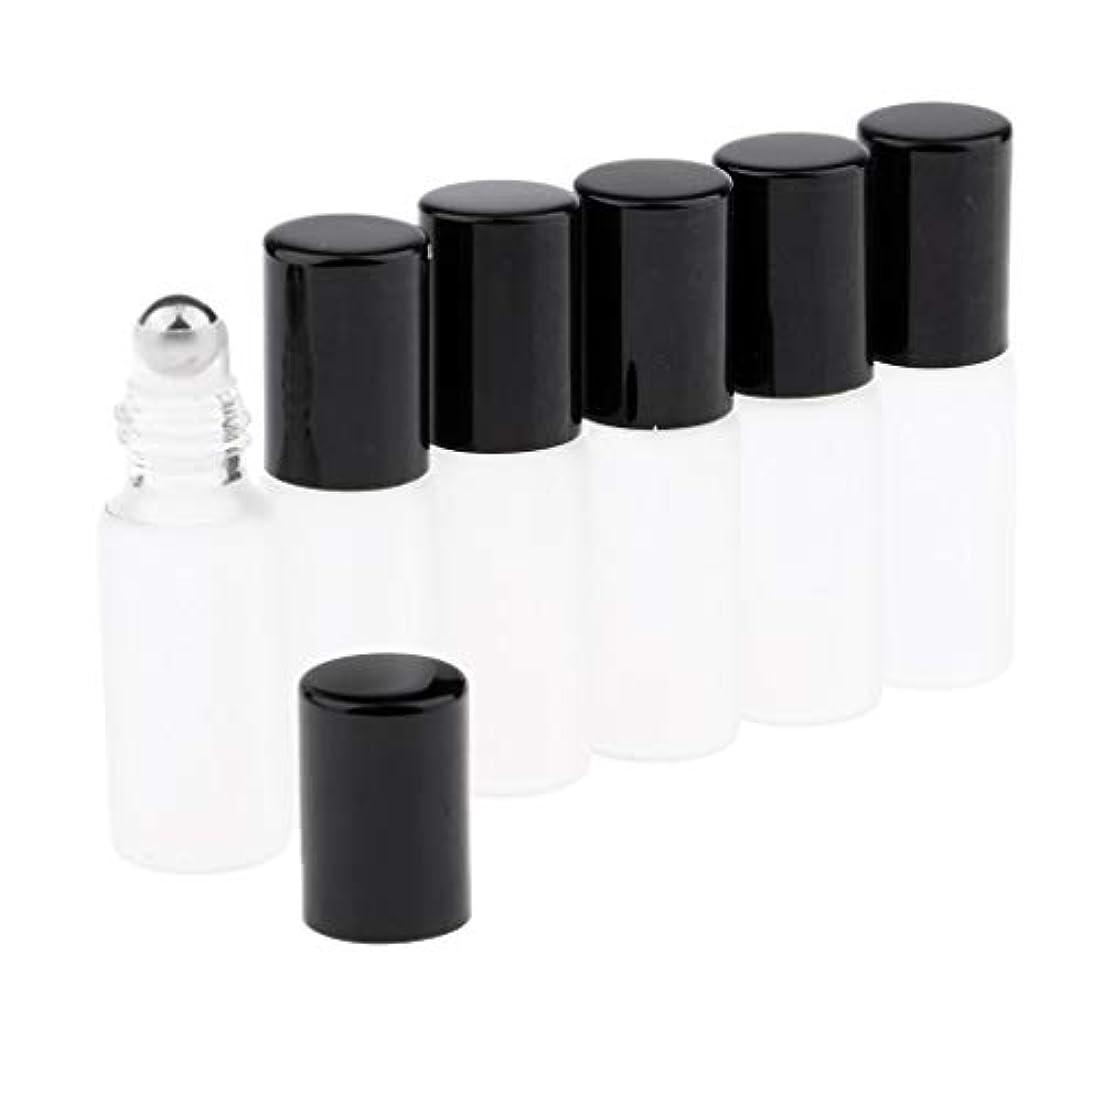 苦い買い物に行くスキーCUTICATE ガラスアロマボトル 精油 小分けボトル アロマオイル用瓶 香水用瓶 空のローラーボトル 精油ロールボトル 3色 - ブラック